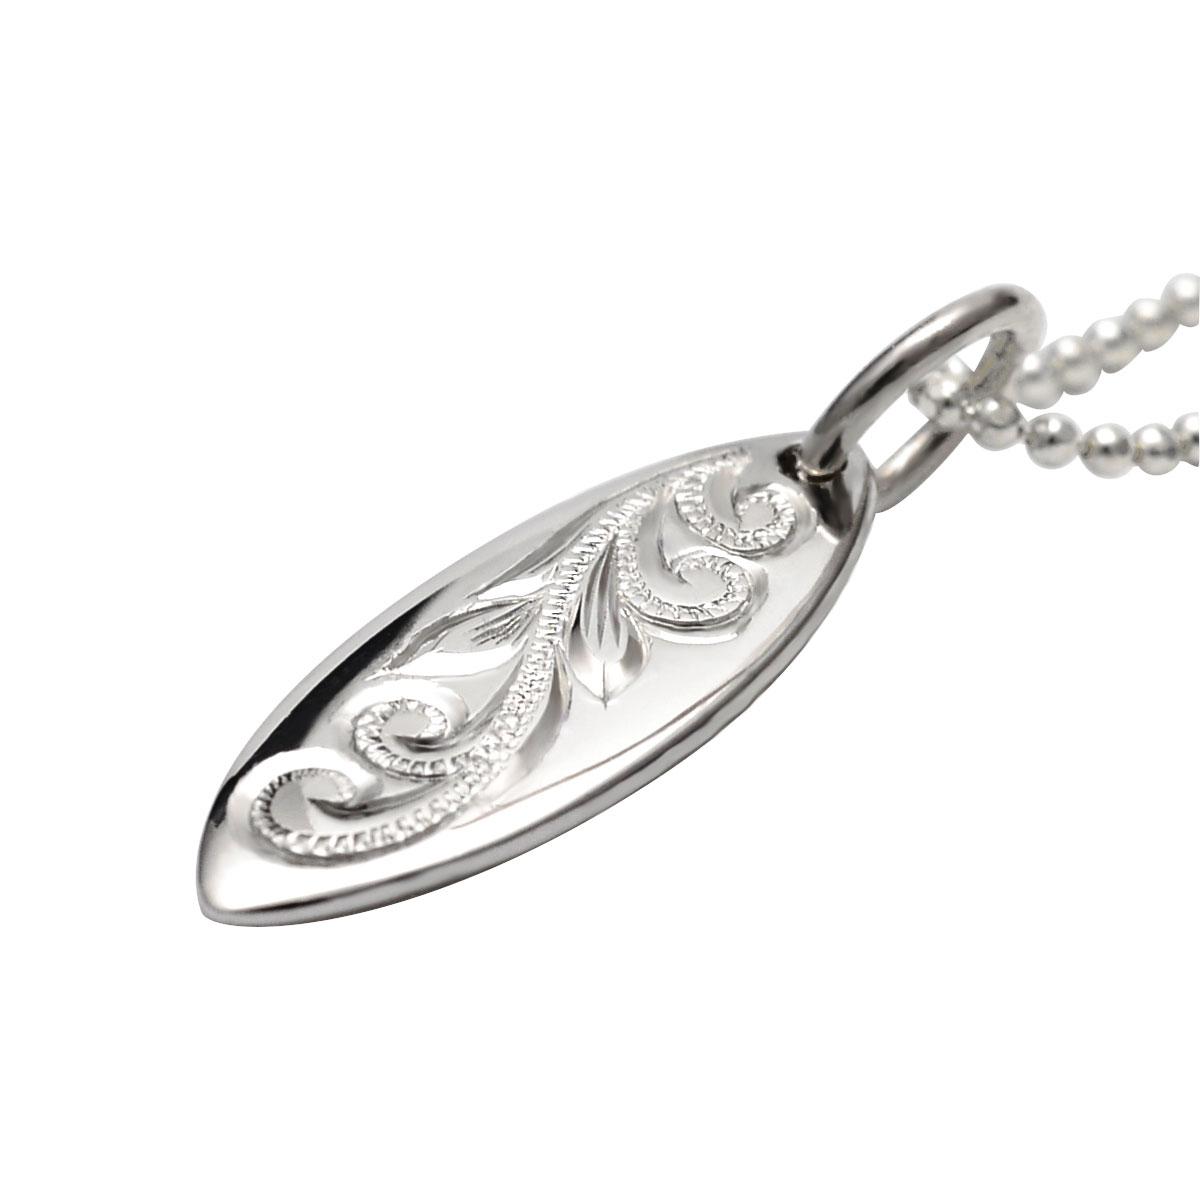 ハワイアンジュエリー ネックレス Silver925 シルバーネックレス silver925 サーフボードペンダント シンプル apd1519 プレゼント ギフト新作